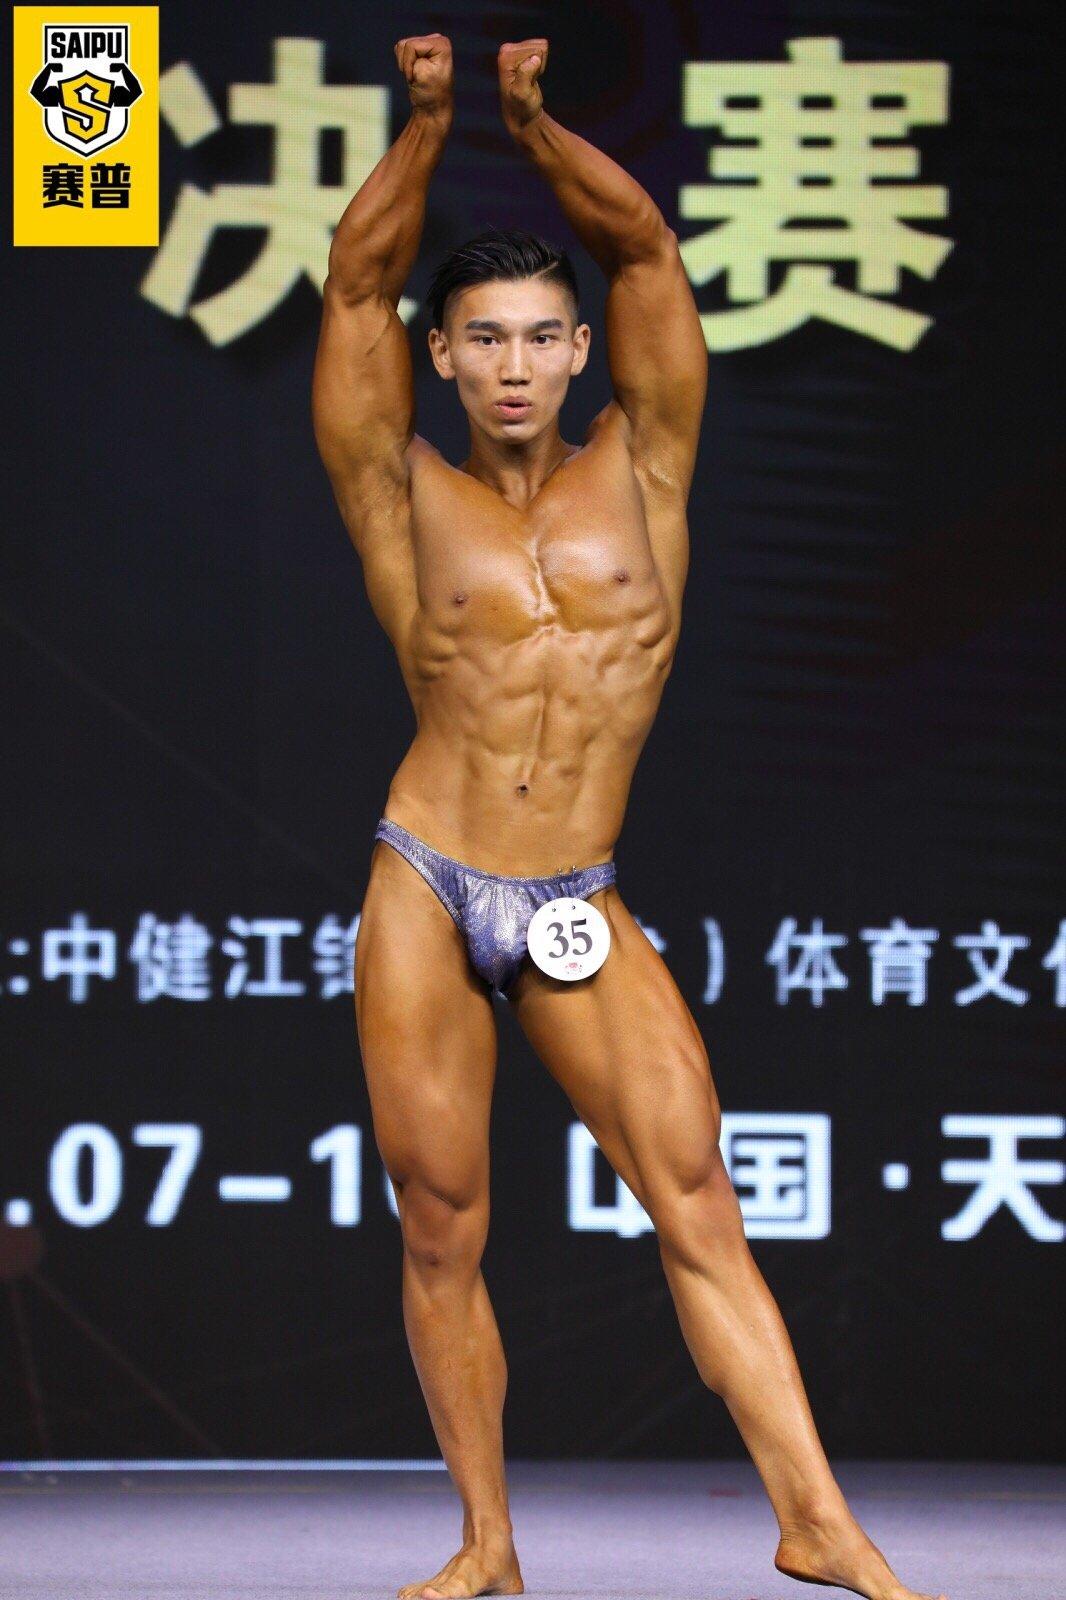 2019年天津 大学生健美健身锦标赛@中国健美协会 @赛普健身官微